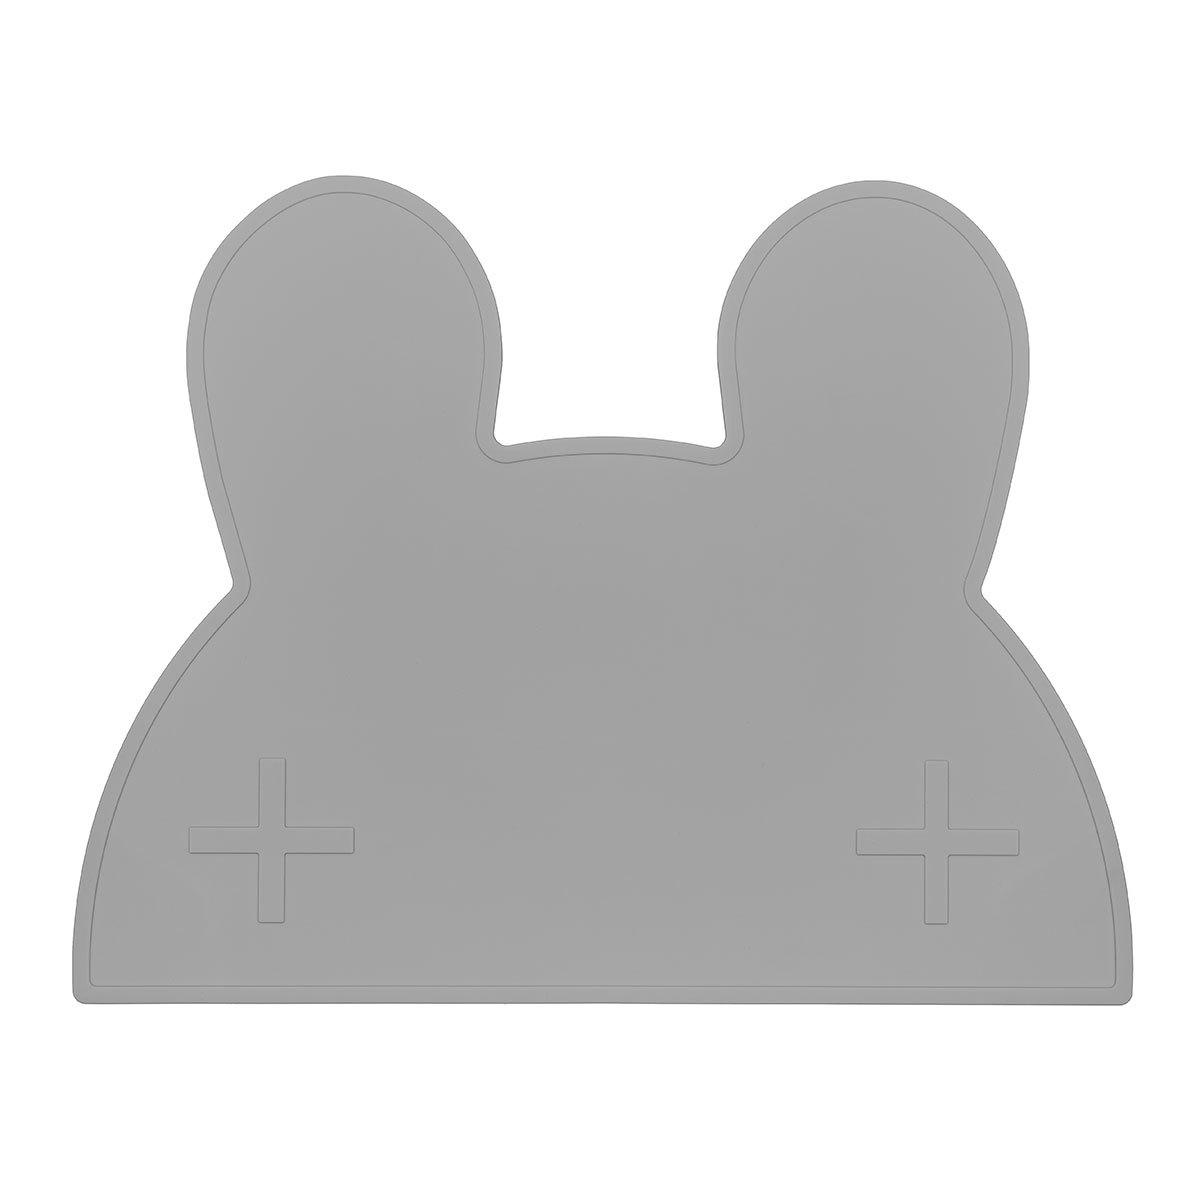 Vaisselle & Couvert Set de Table Lapin - Grey Set de Table Lapin - Grey